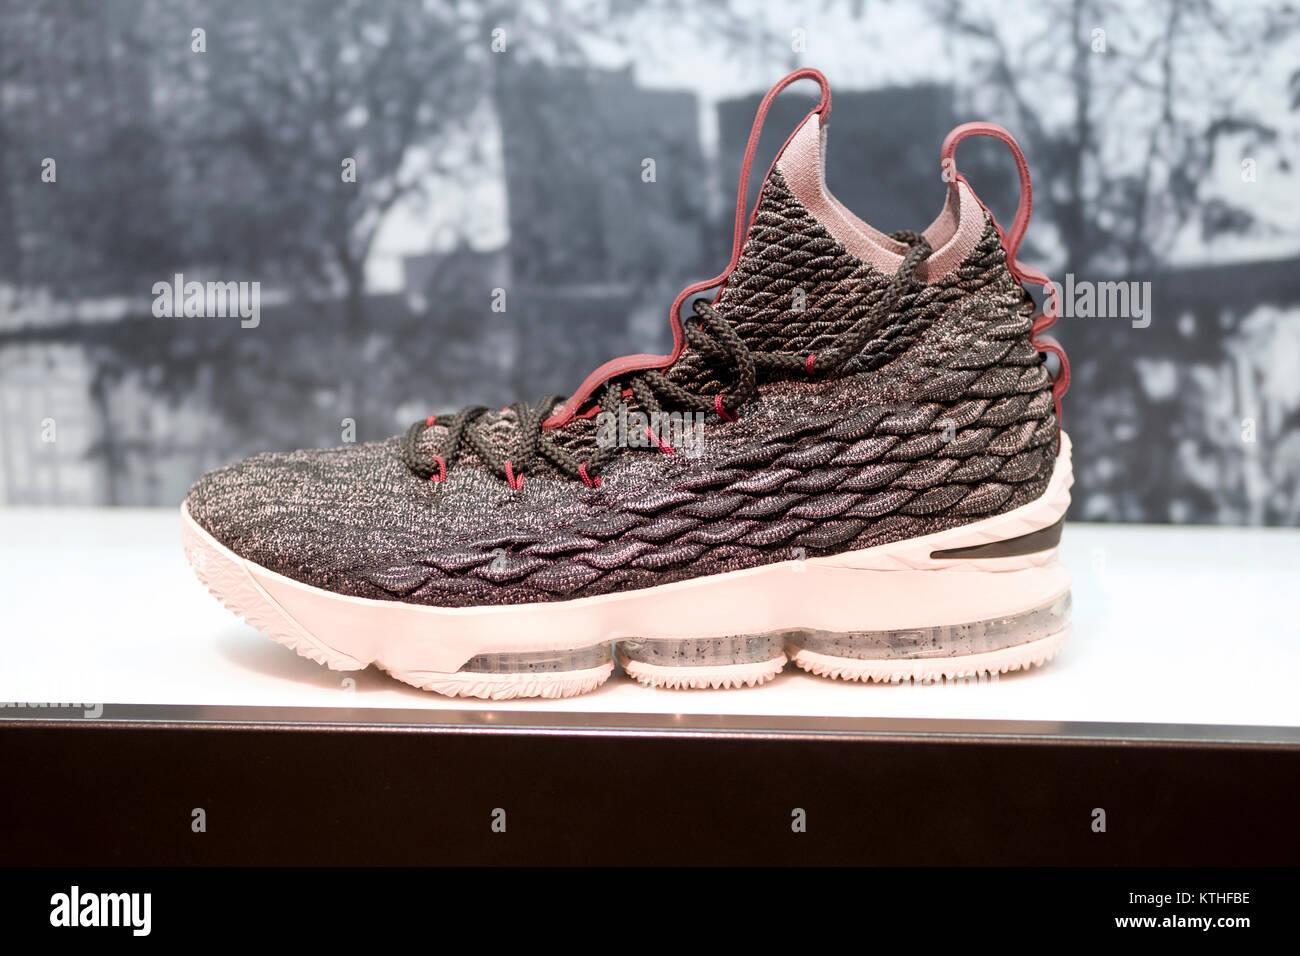 Kenia justa principal  $185 un par de Lebron 15 zapatillas Nike en venta de Footlocker en el  Queens Center Mall en Elmhurst, Queens, Nueva York Fotografía de stock -  Alamy